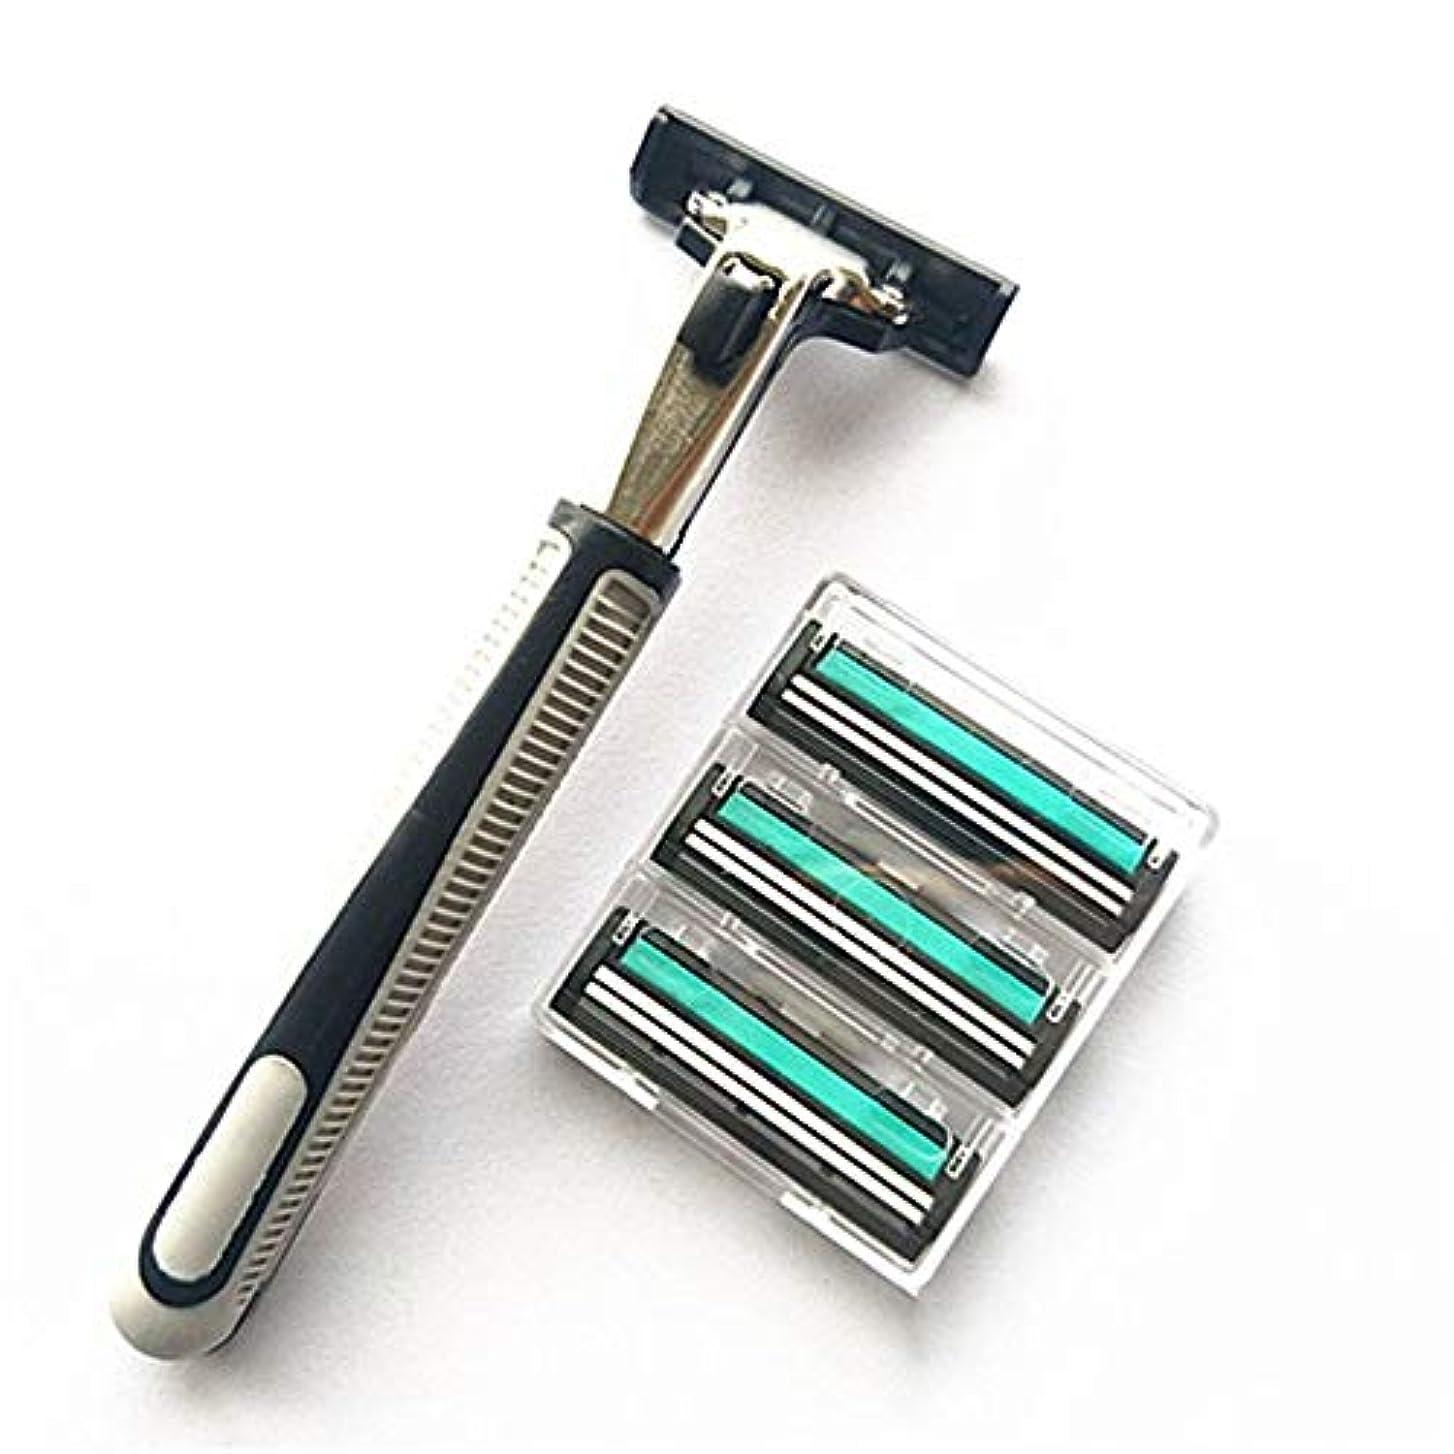 カビむさぼり食う違うaomashangmao 新しい輸入ステンレス鋼ダブルかみそりの刃、12男性のかみそりの刃と1ピースマニュアルメンズストレートかみそり